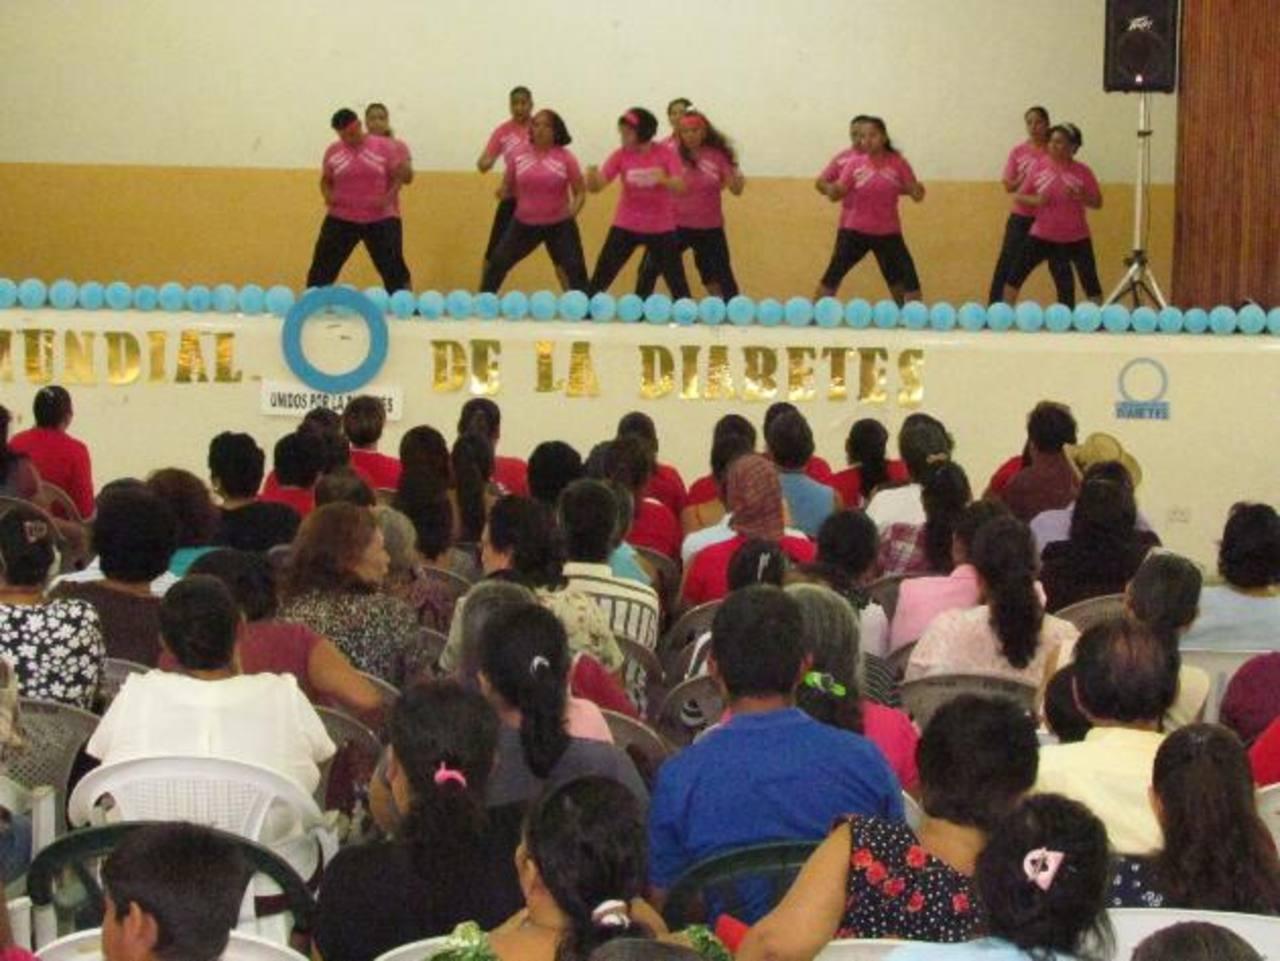 Las personas con la enfermedad también compartieron experiencias durante el convivio. foto edh / MAURICIO GUEVARA